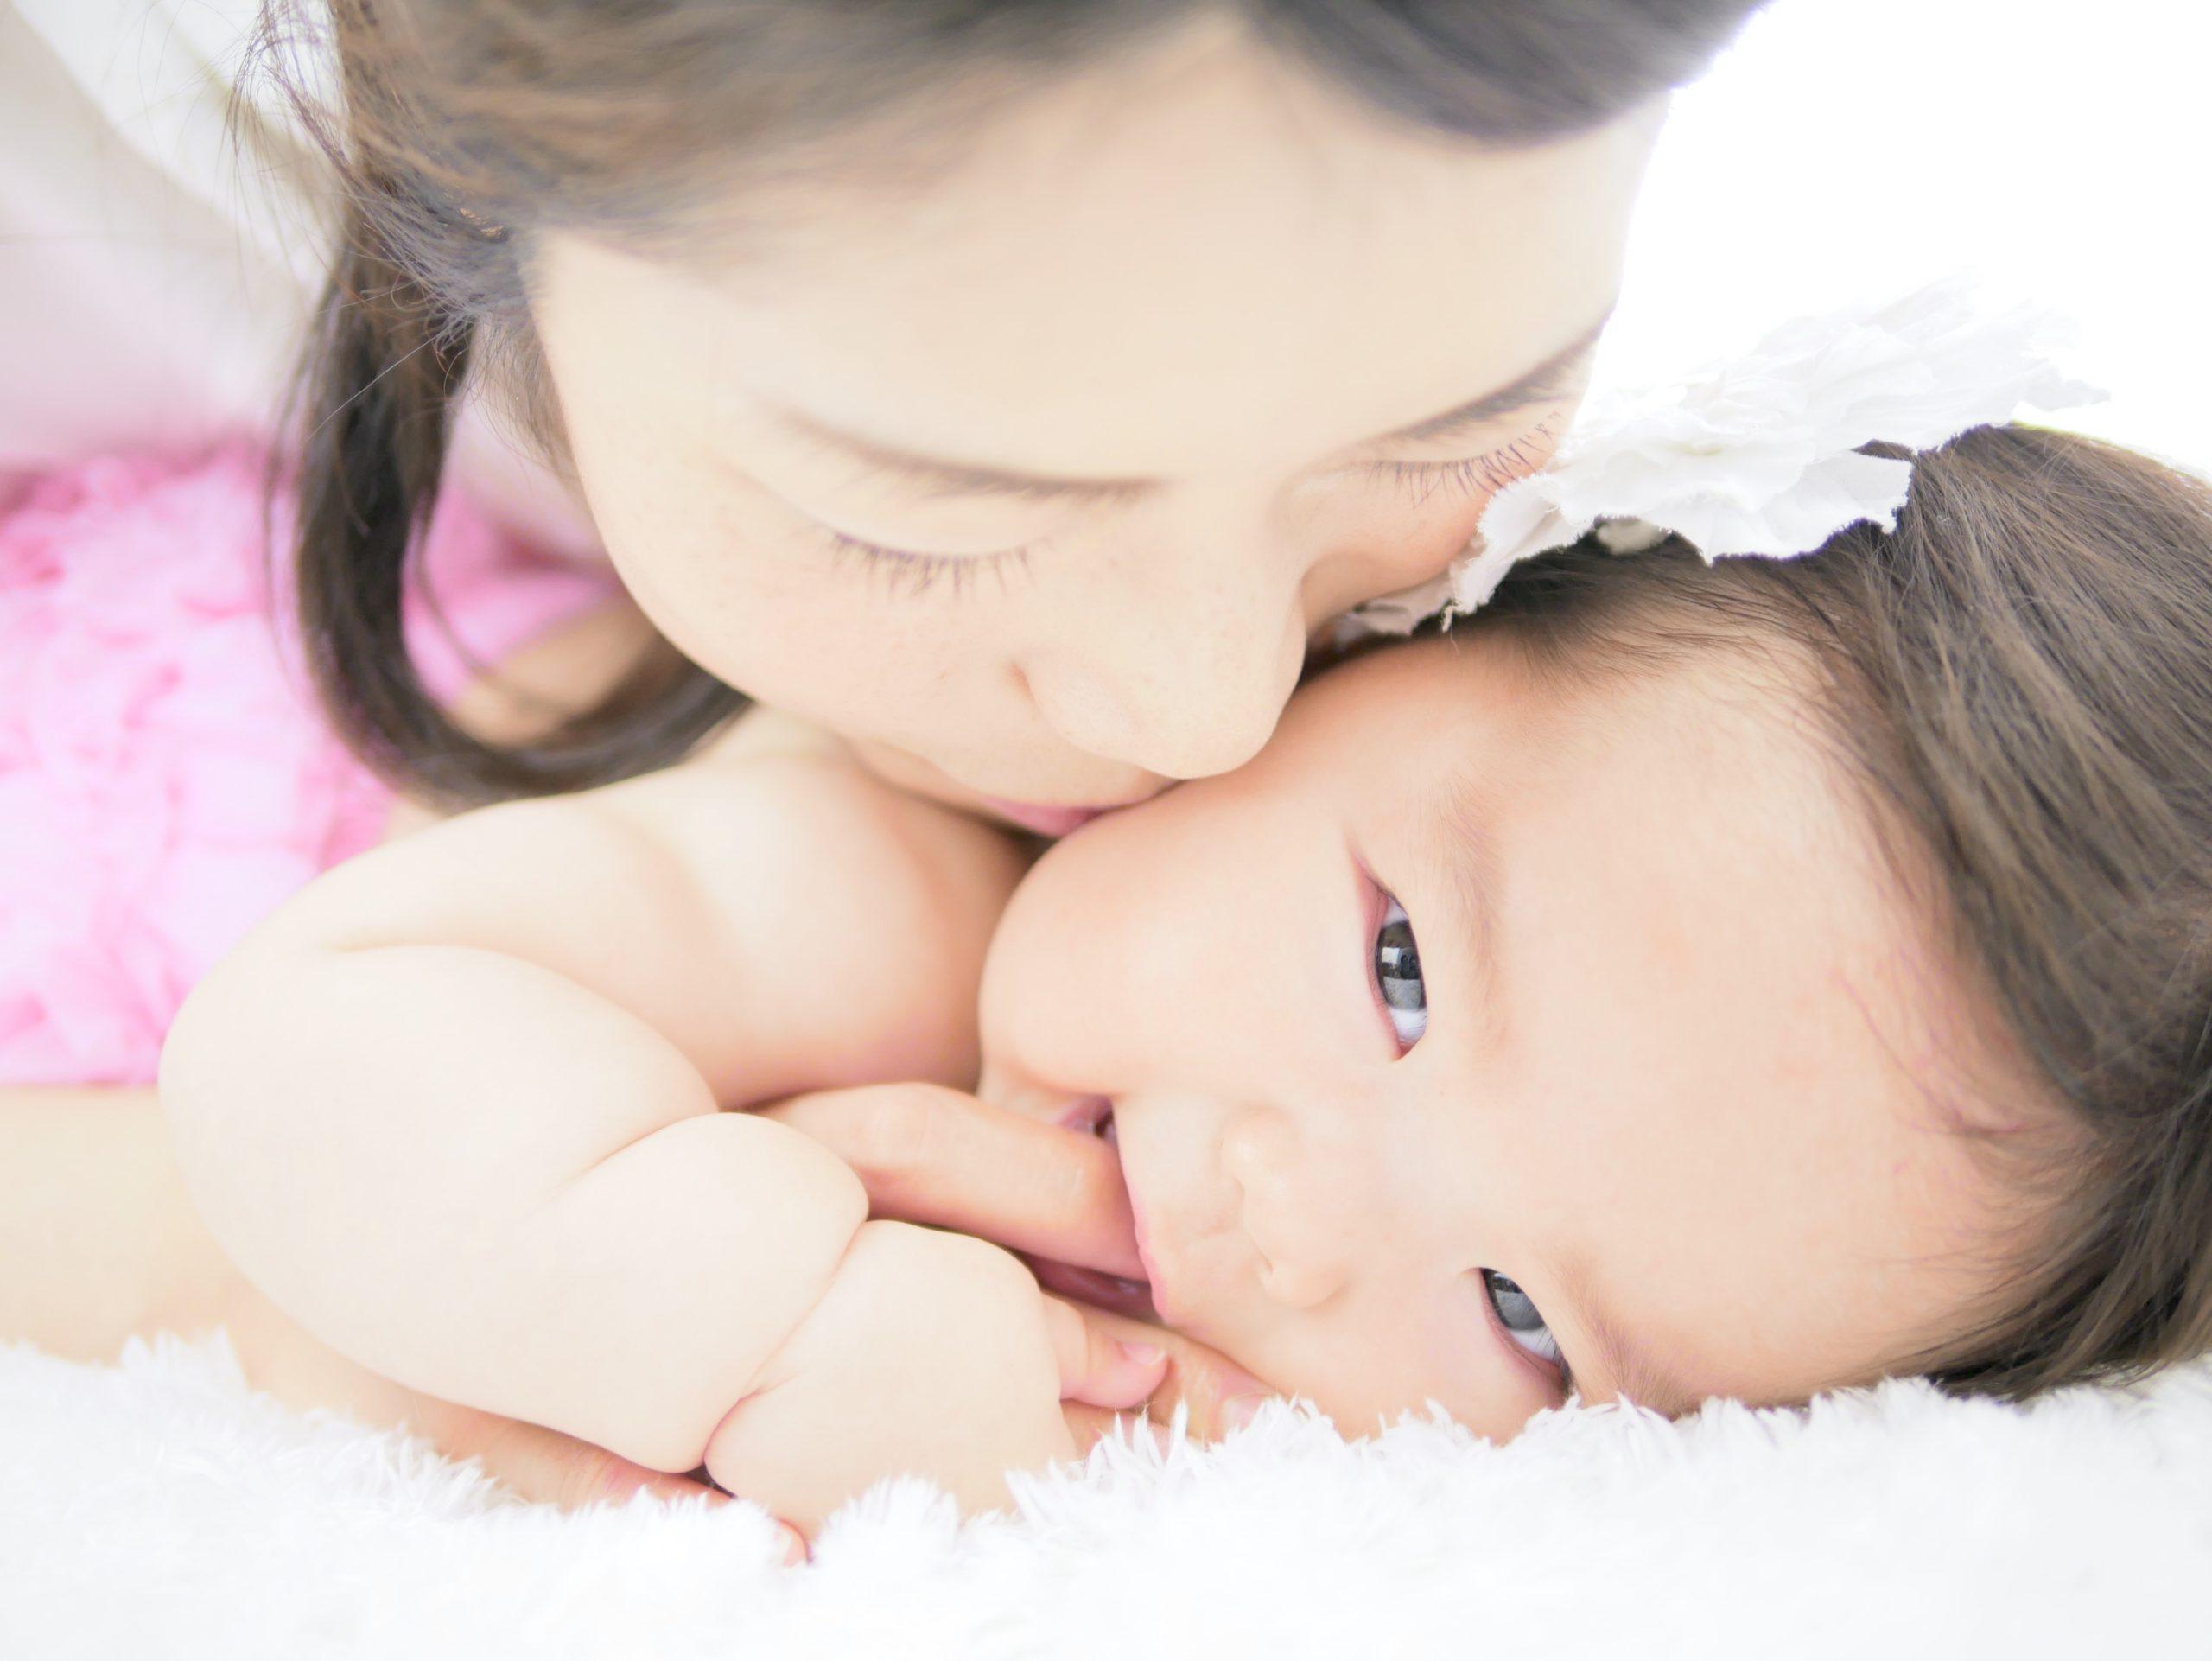 ベビーフォト「いつだって主役はママと赤ちゃん」